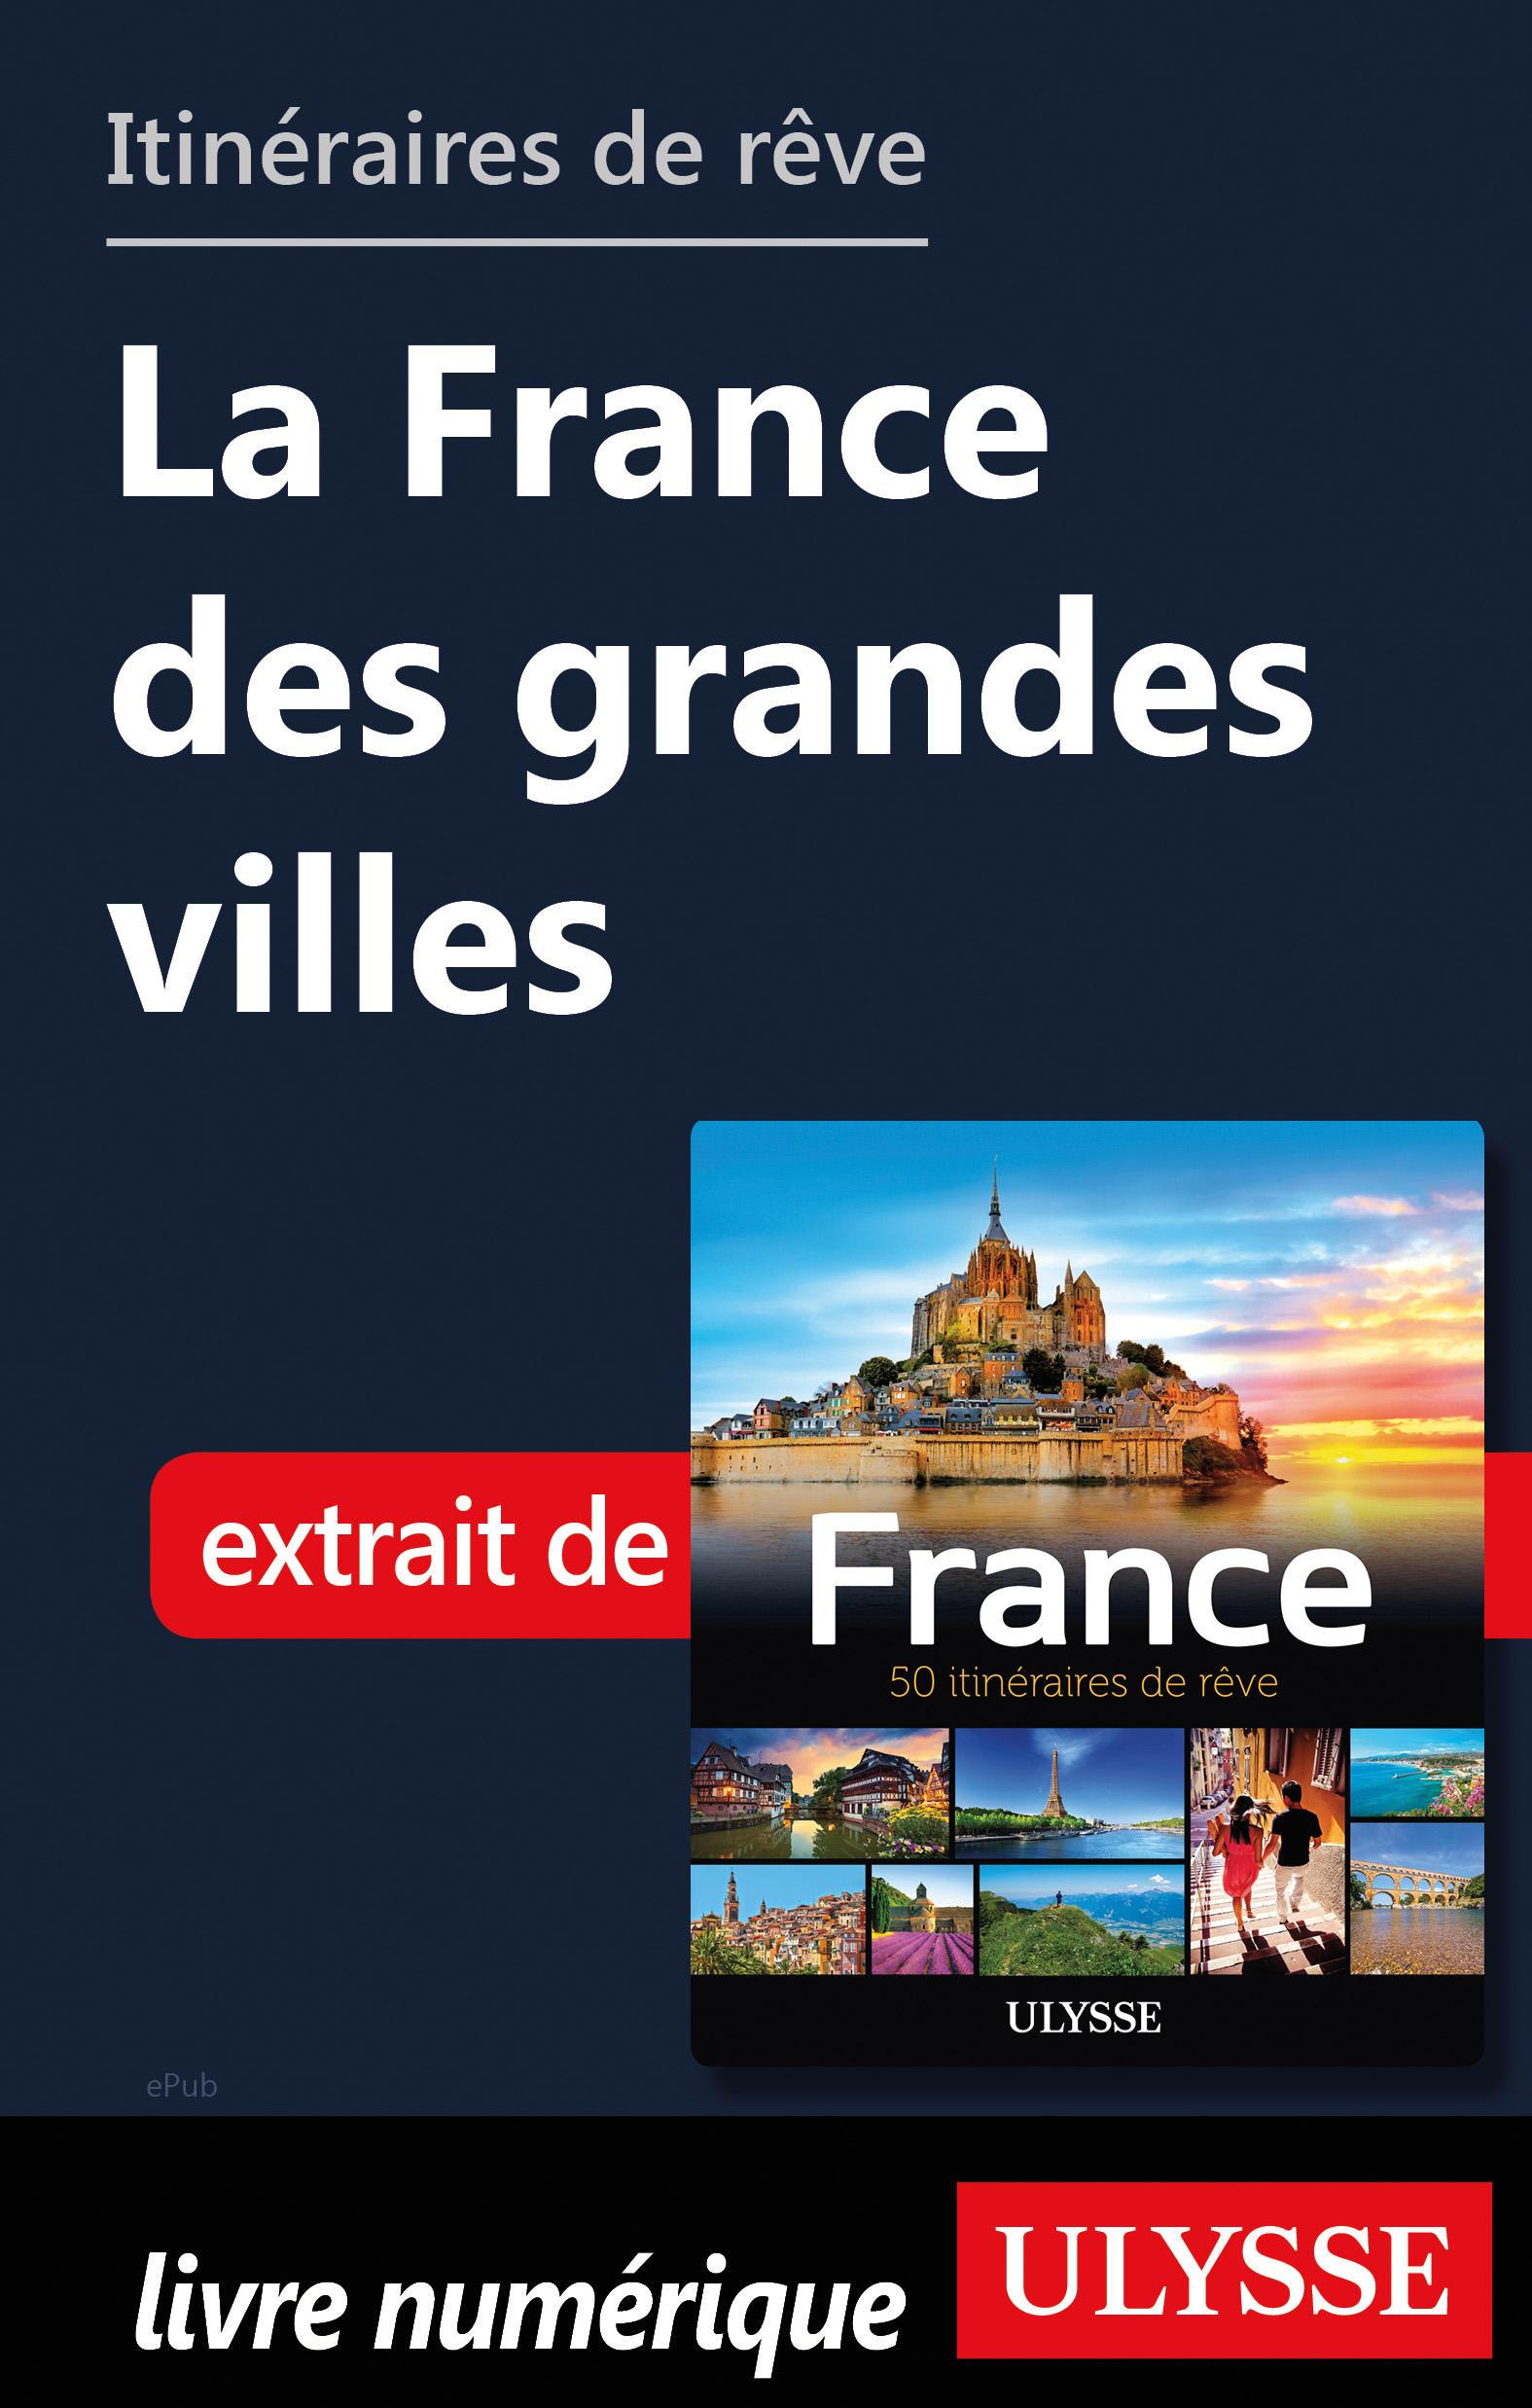 Itinéraires de rêve - La France des grandes villes